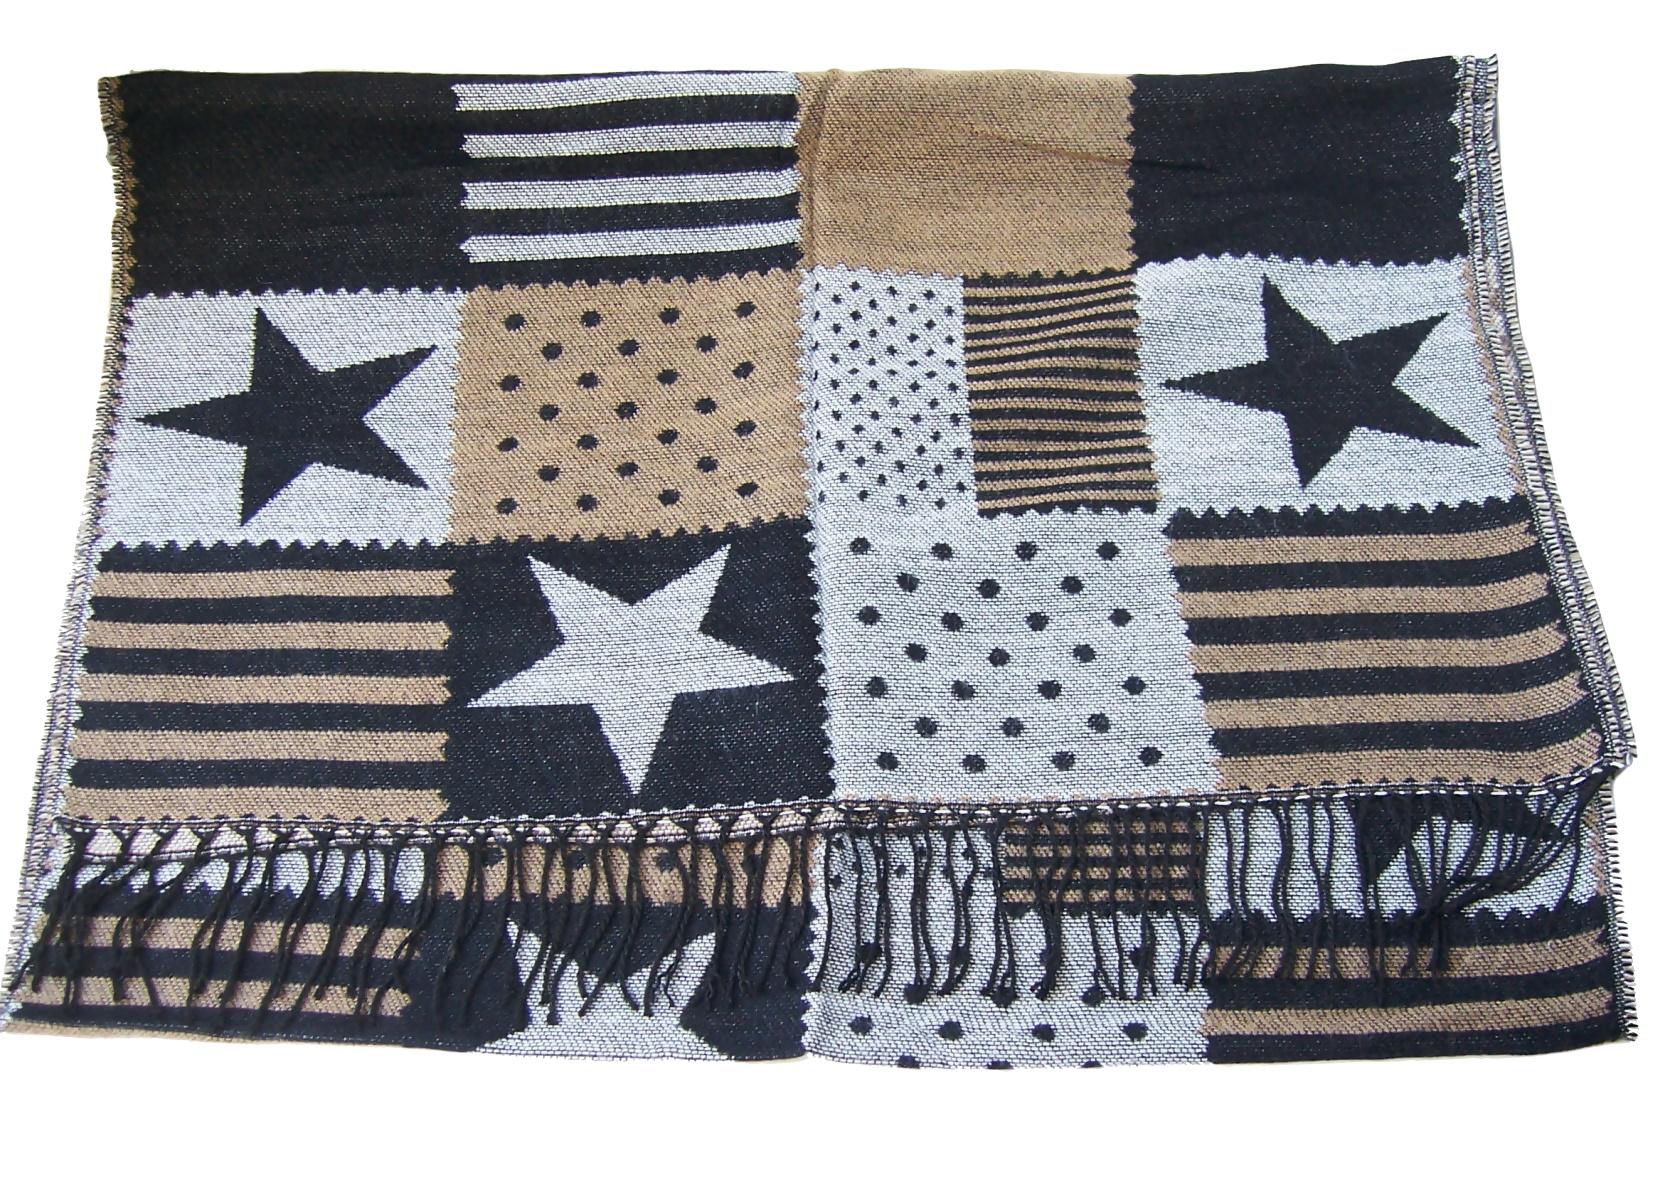 Schal Winterschal Stars and Stripes Sterne 180cm schwarz grau T2842